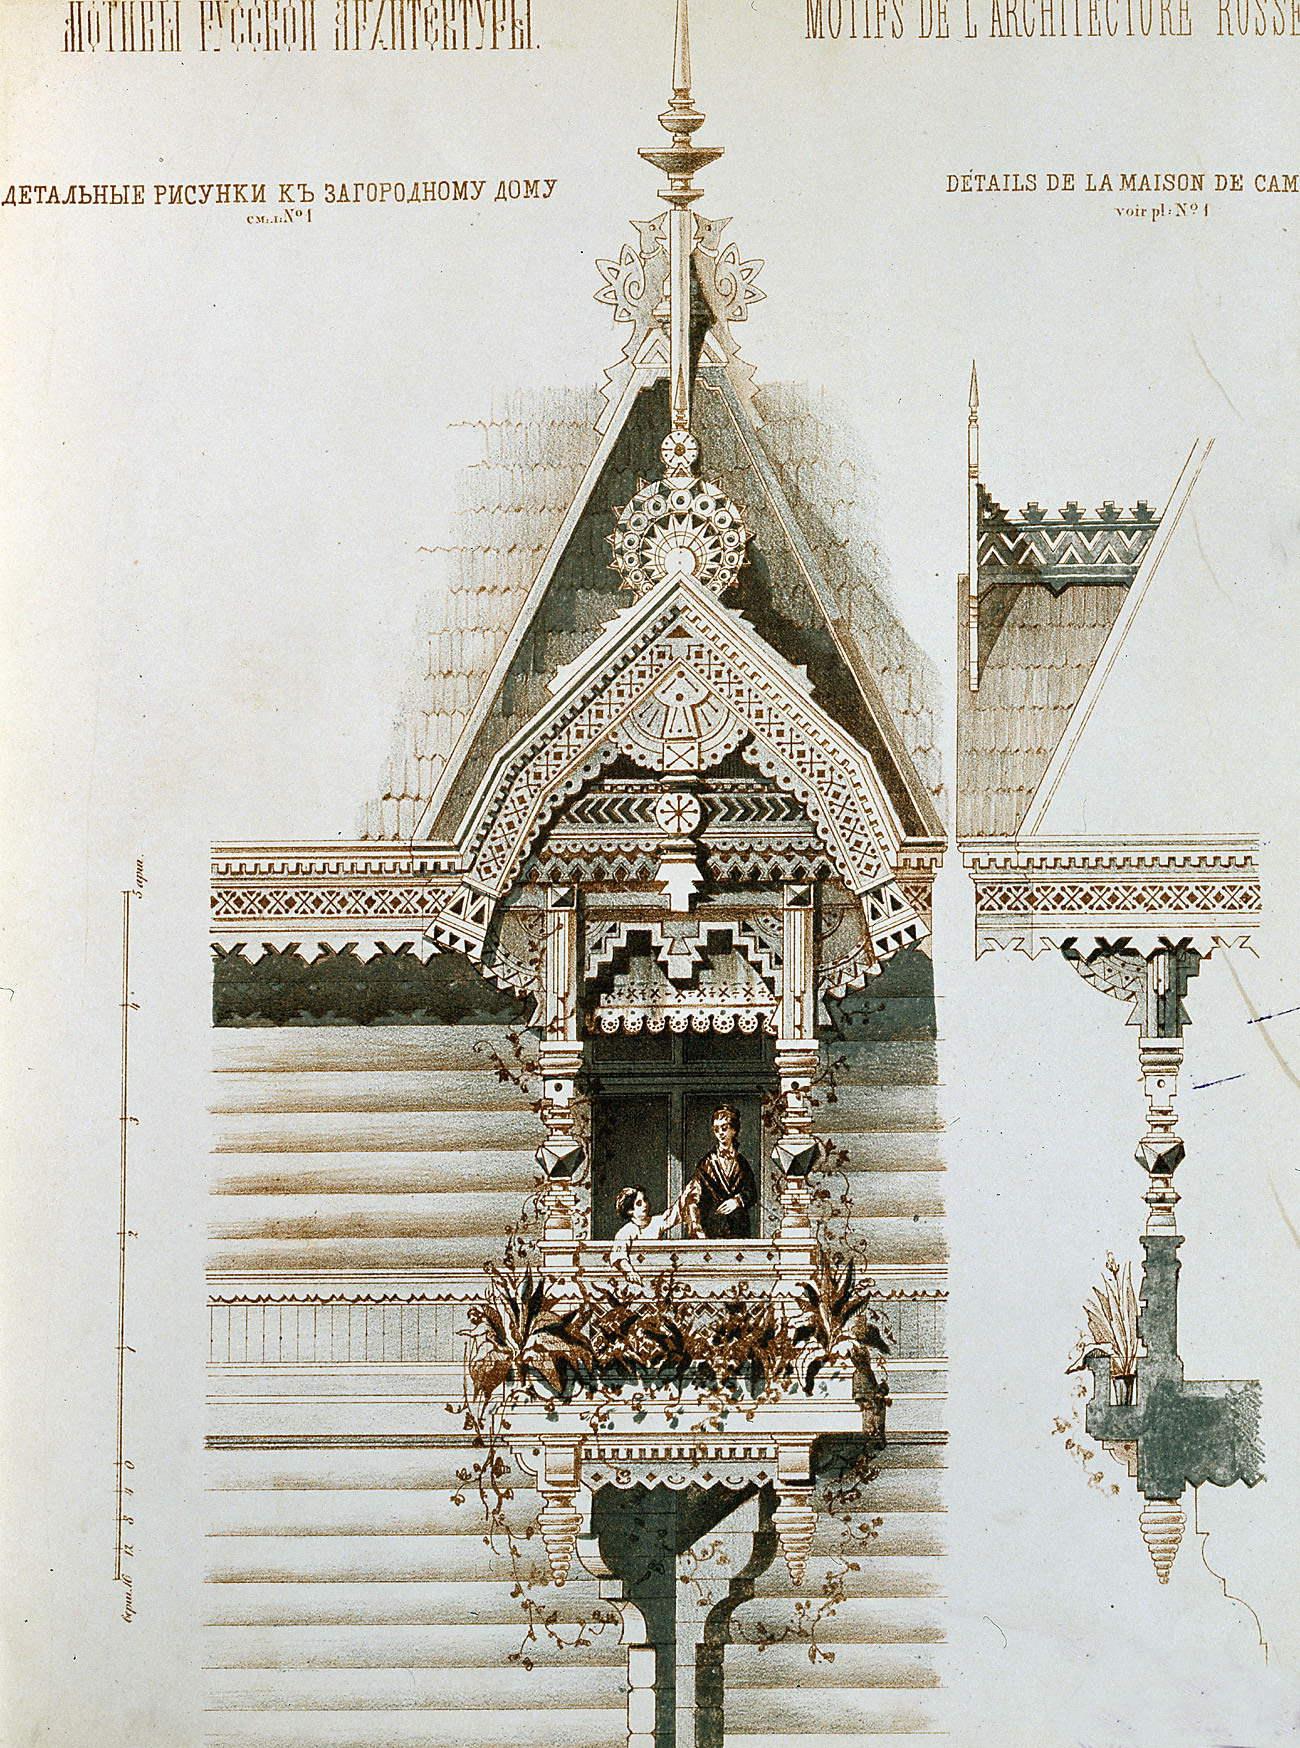 Motifs de l 39 architecture russe for Architecture russe